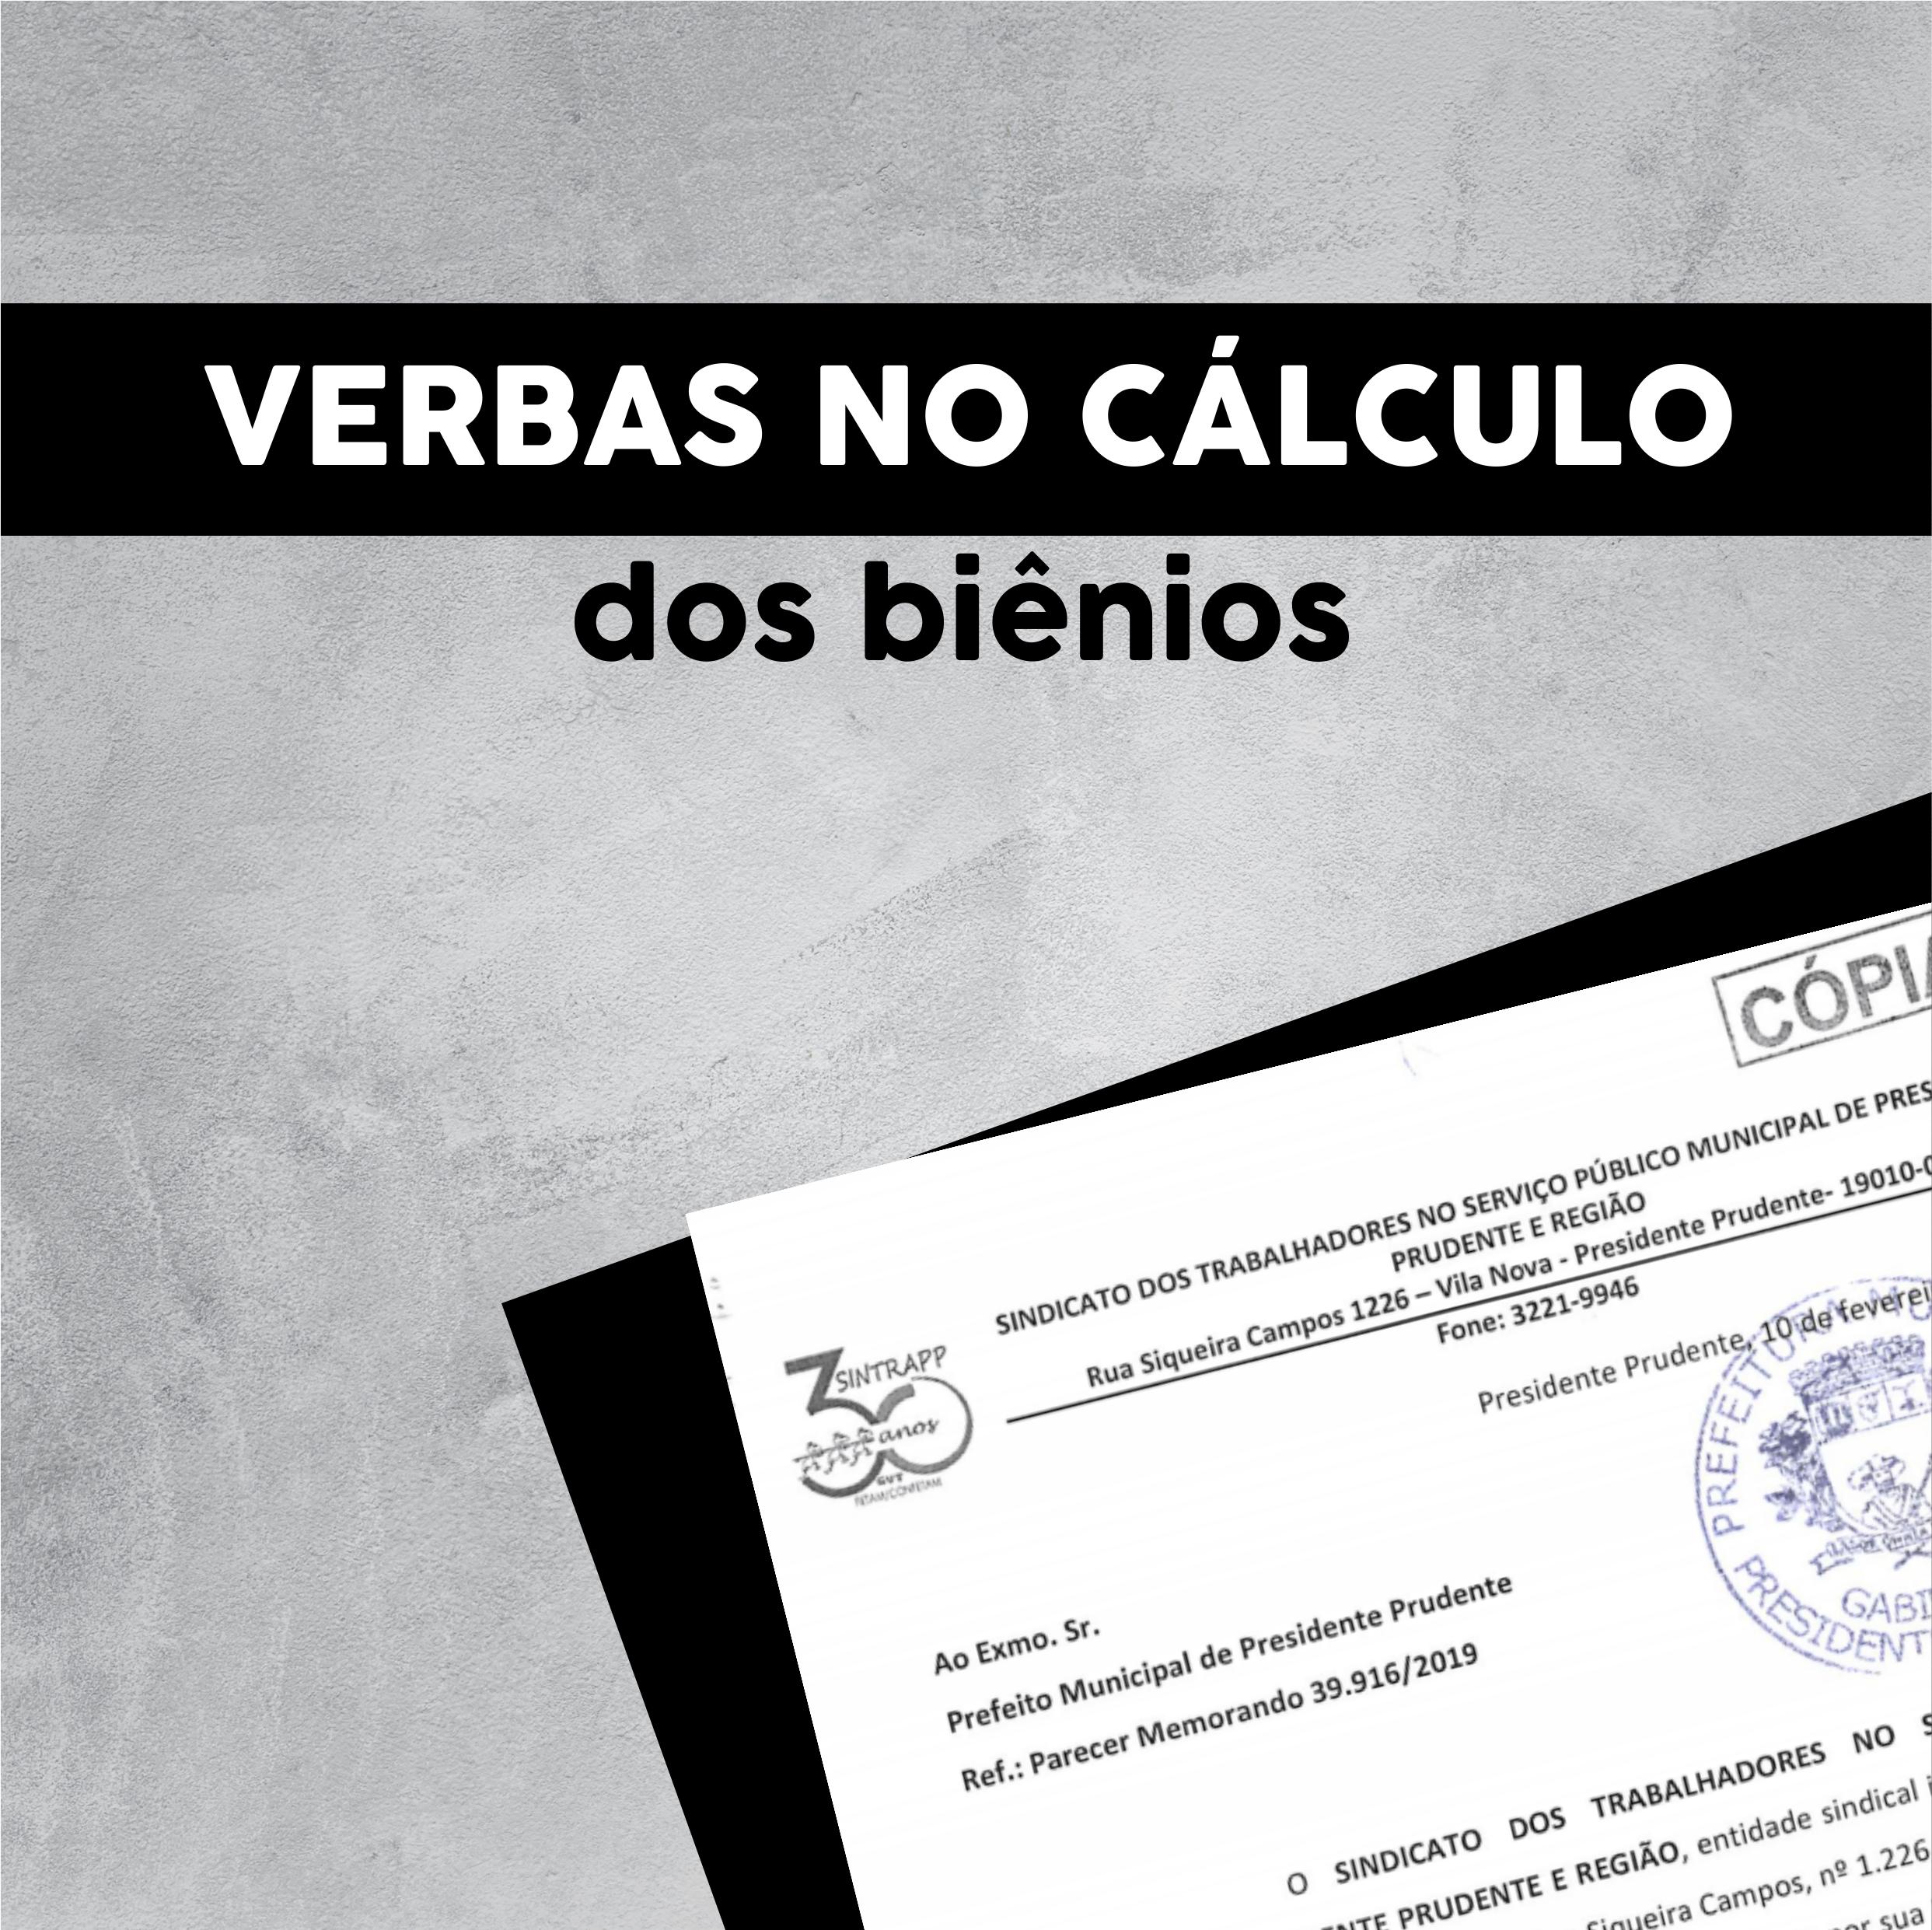 Prefeitura deixa de considerar verbas para cálculo dos biênios